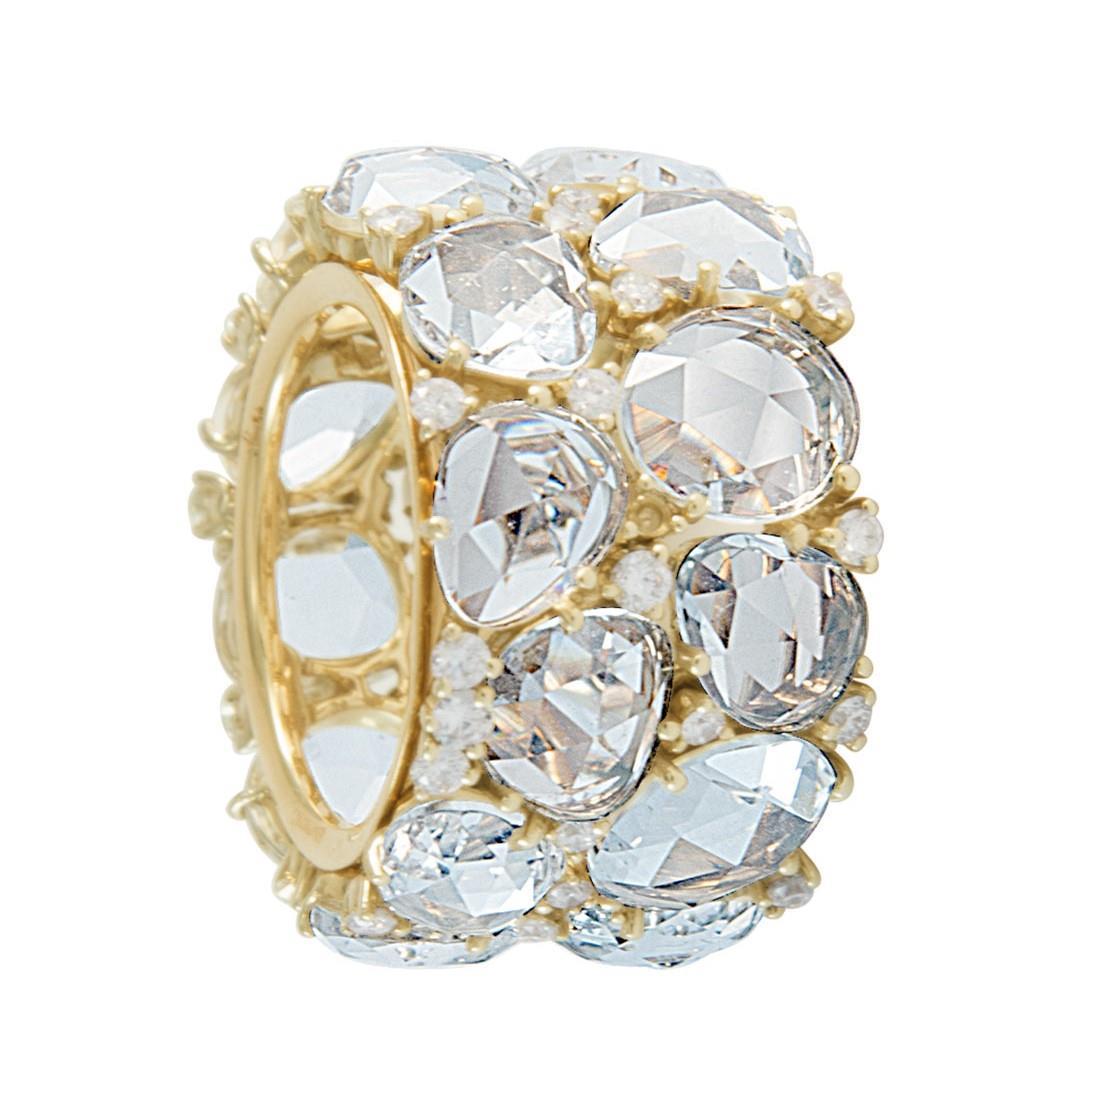 Anello Pomellato Lulù in oro rosa, con topazi azzurri e diamanti ct 1,08. Misura 14 - POMELLATO